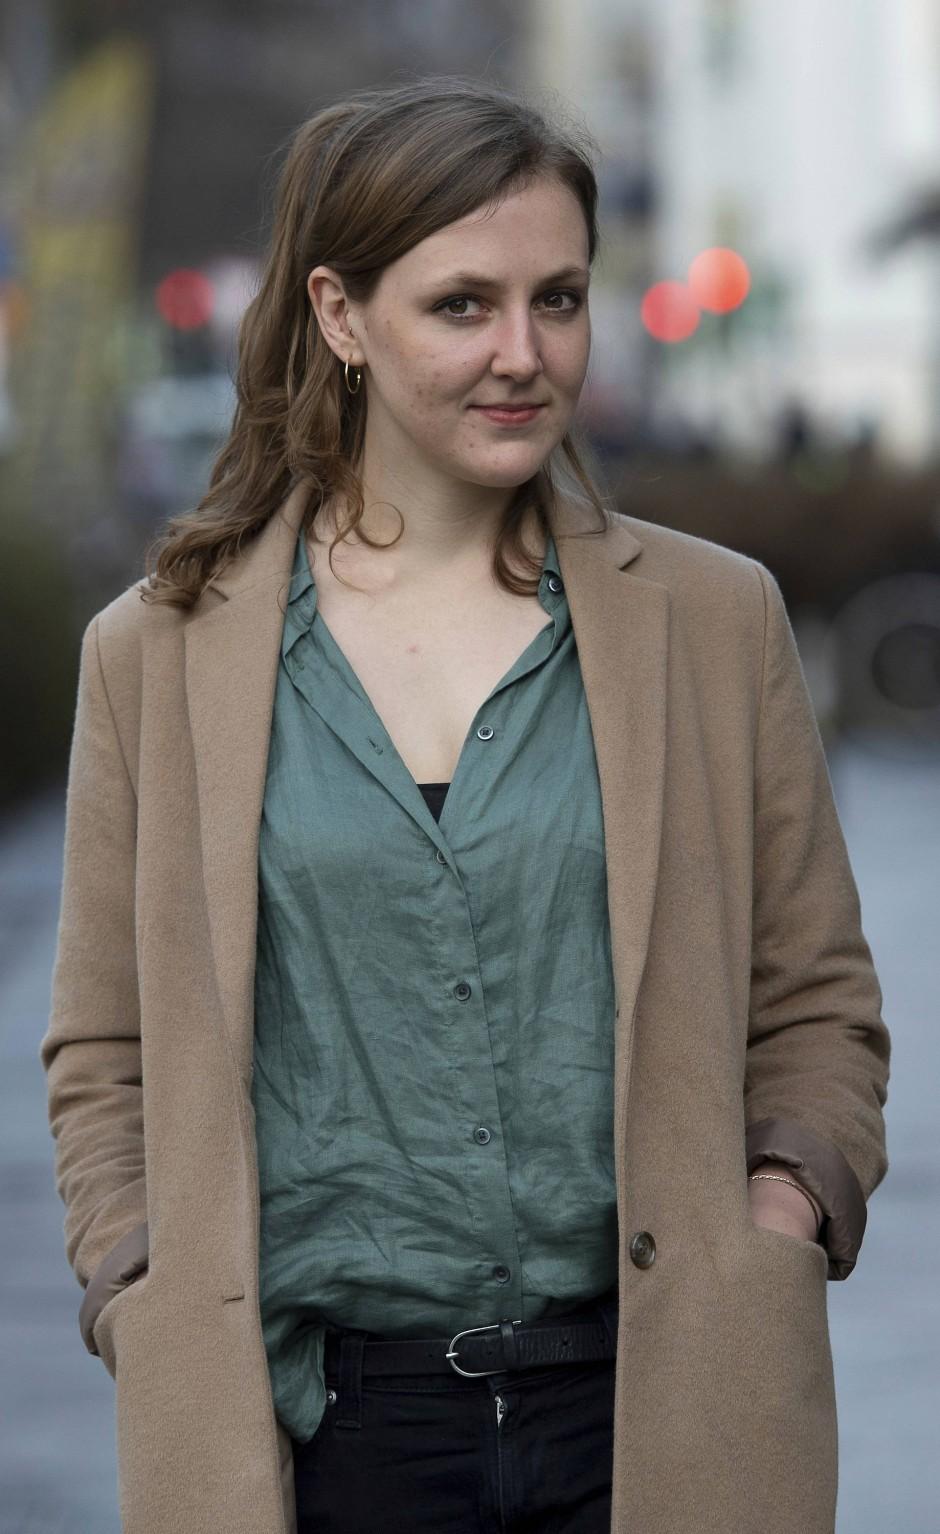 Die Autorin und freie Journalistin Valerie Schönian